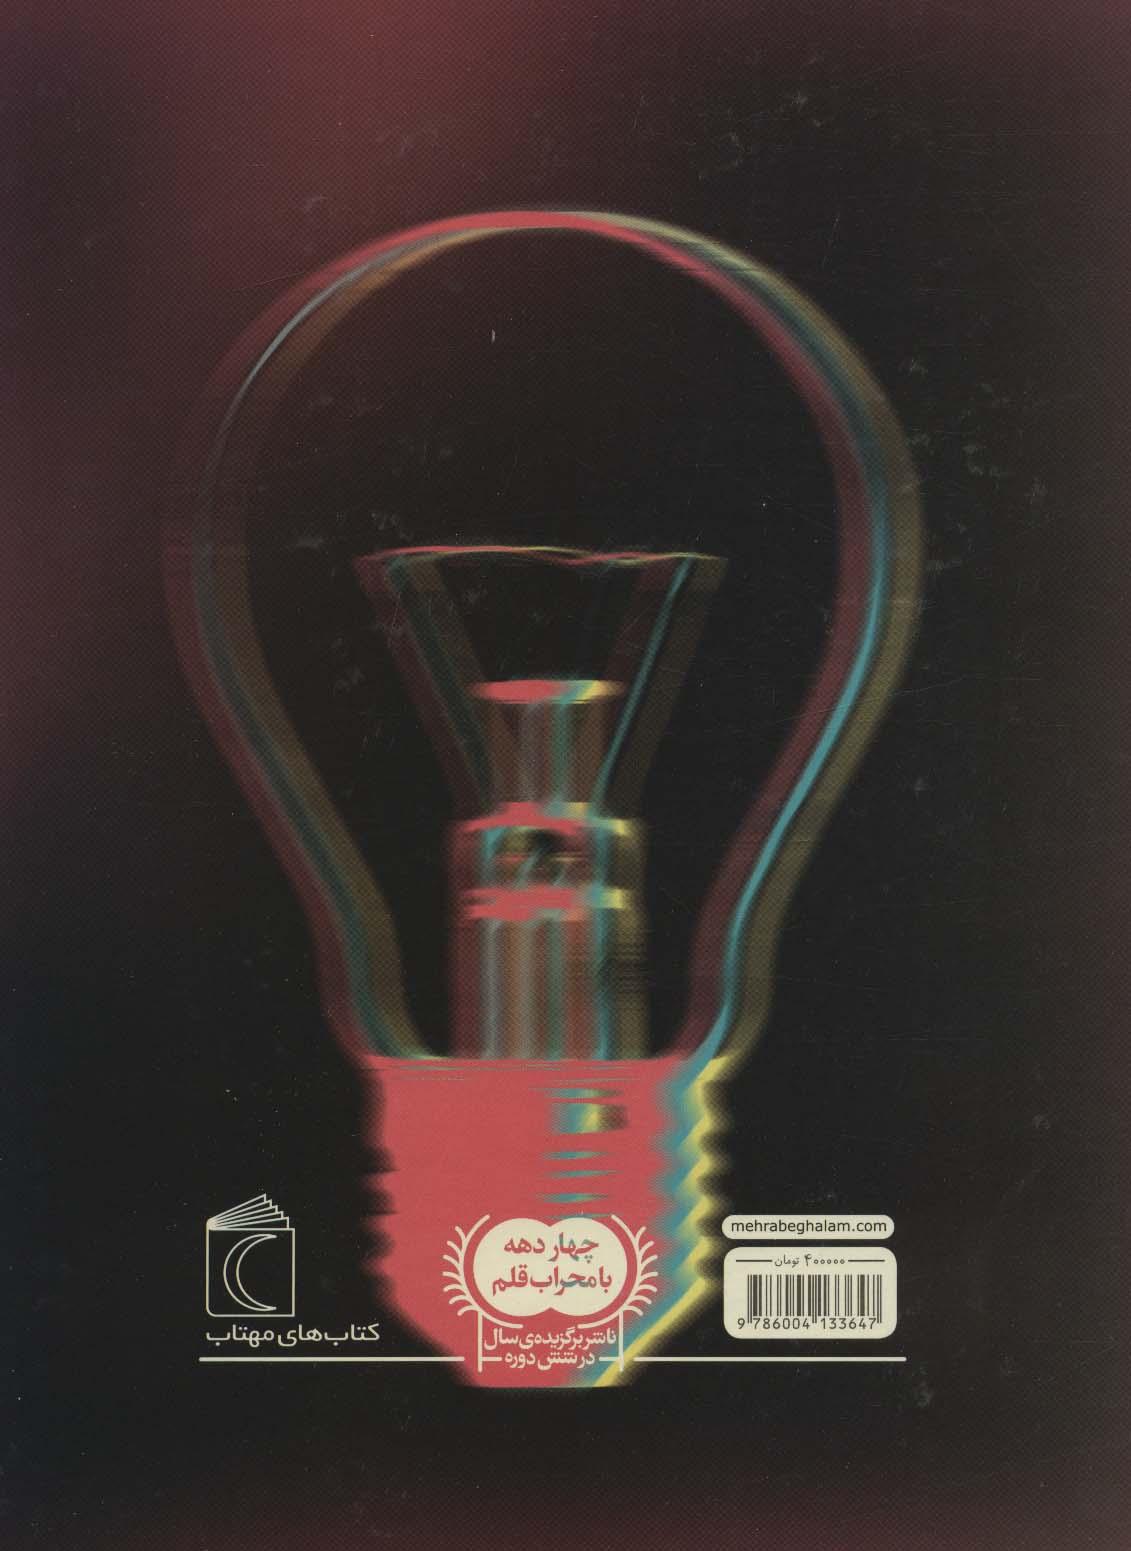 دایره المعارف اختراعات (ایده هایی که چهره ی جهان را دگرگون کرد)،(گلاسه)